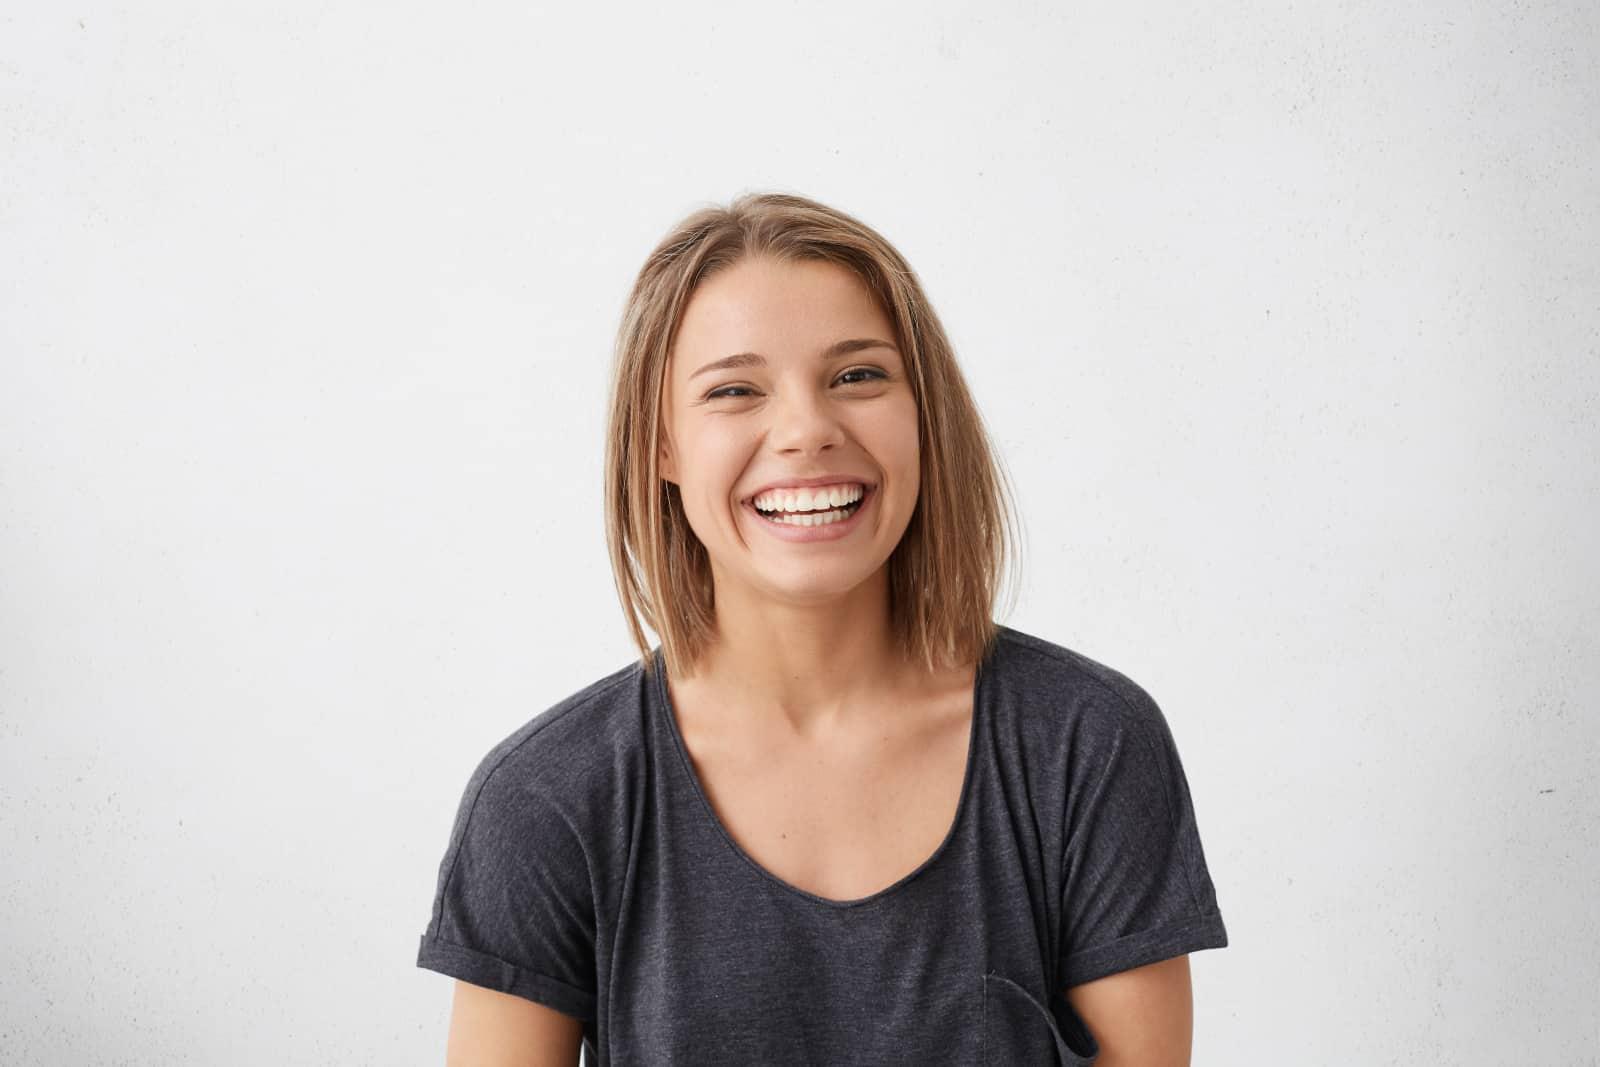 ein lächelndes Mädchen posiert